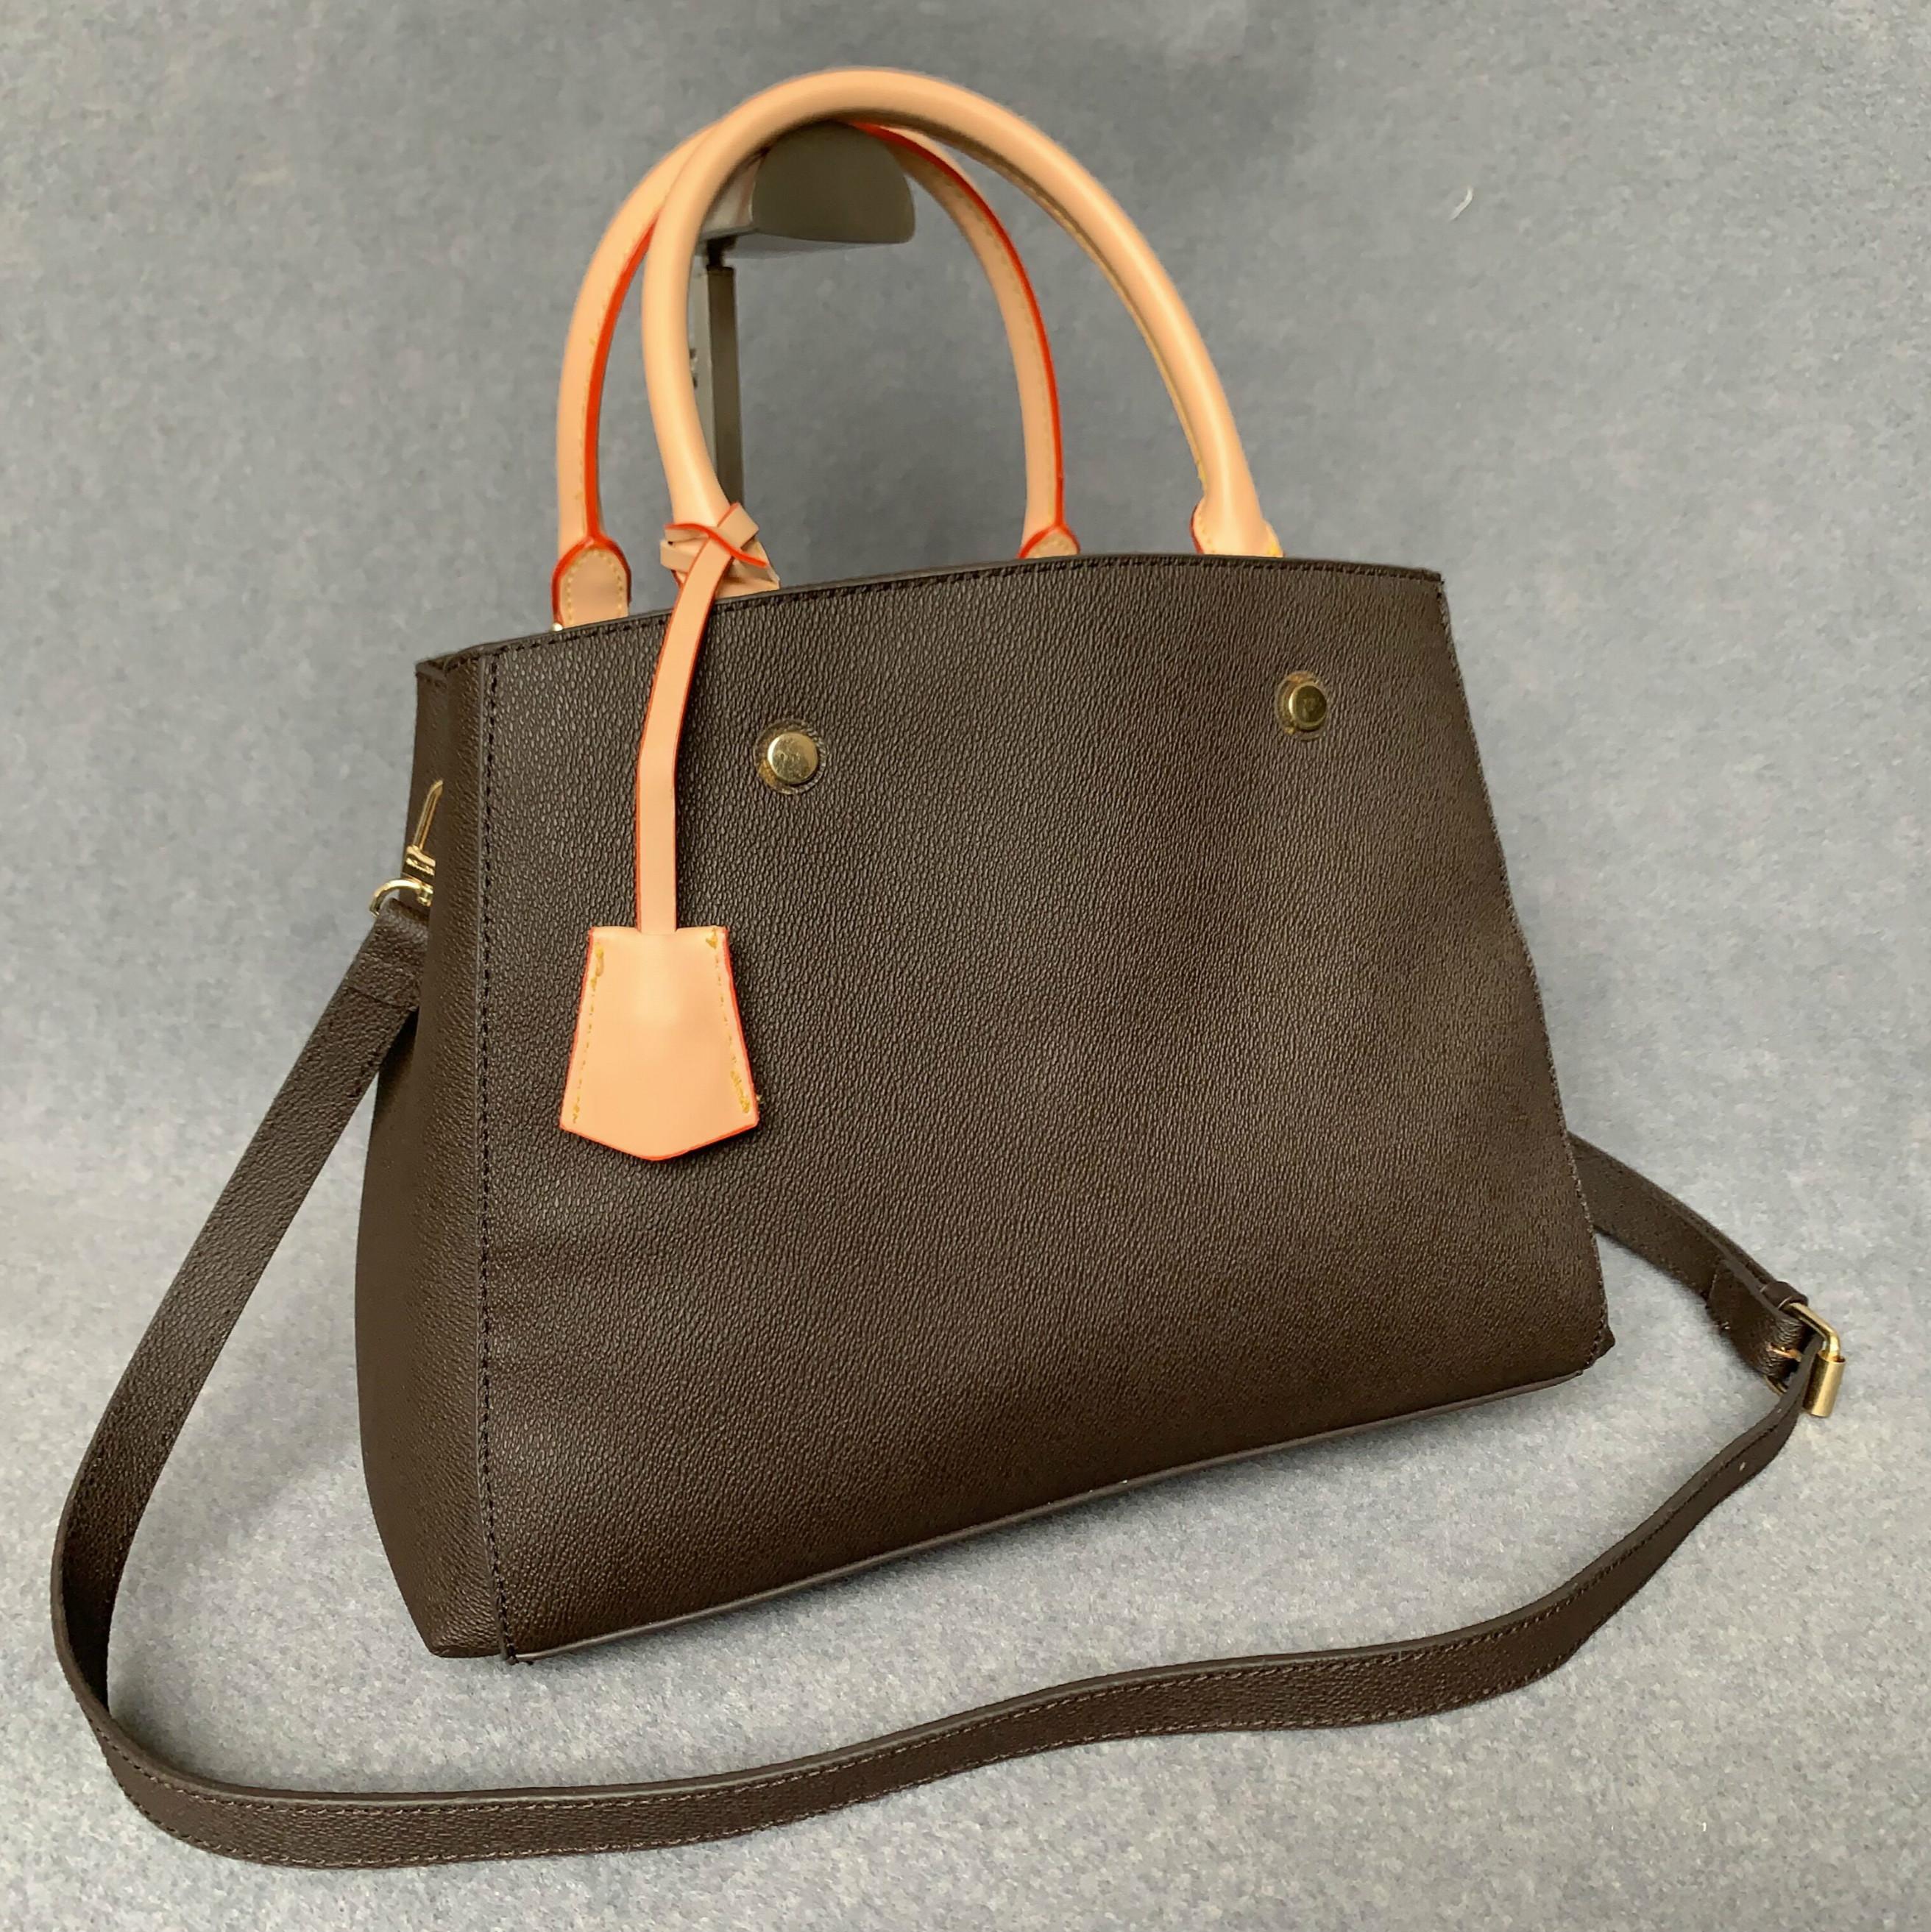 Designer di lusso satchel messenger borse in pelle con maniglie a strim con cinturino a tracolla borsa a tracolla borsa francese